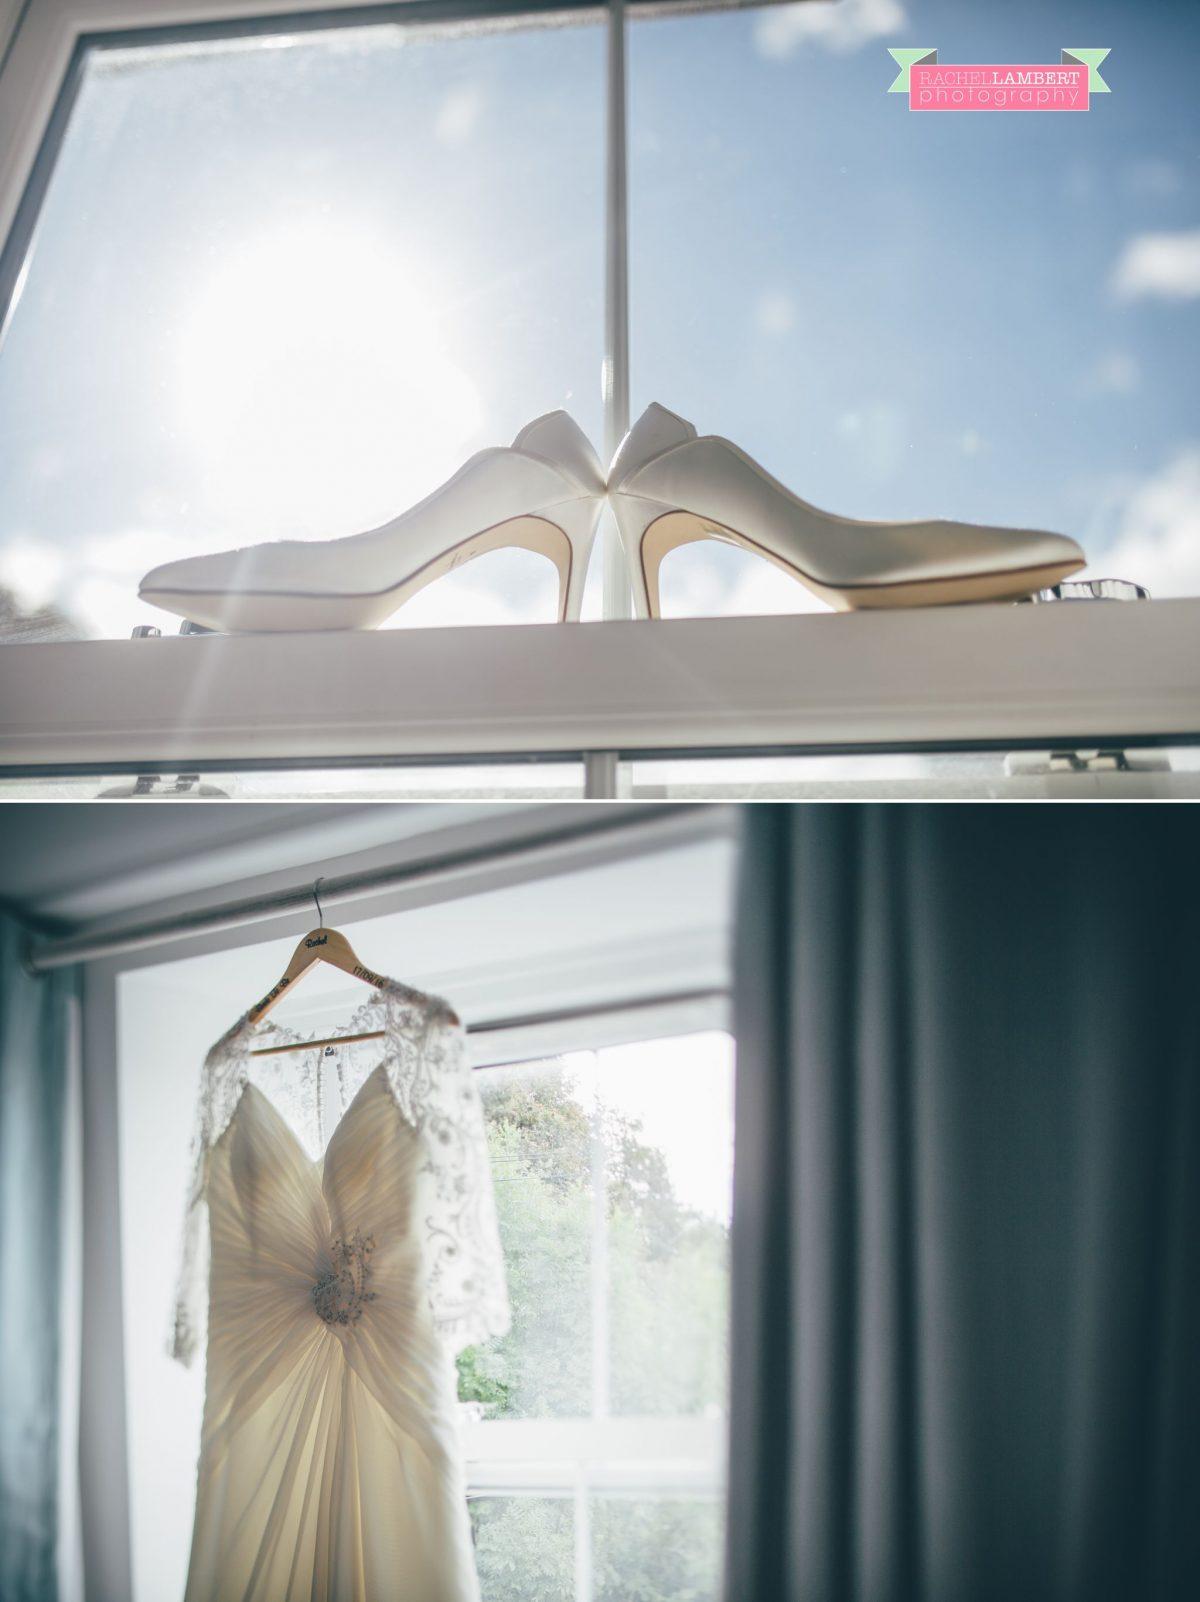 welsh_wedding_photographer_rachel_lambert_photography_pencoed_house_cardiff_rachel_nathan_ 2